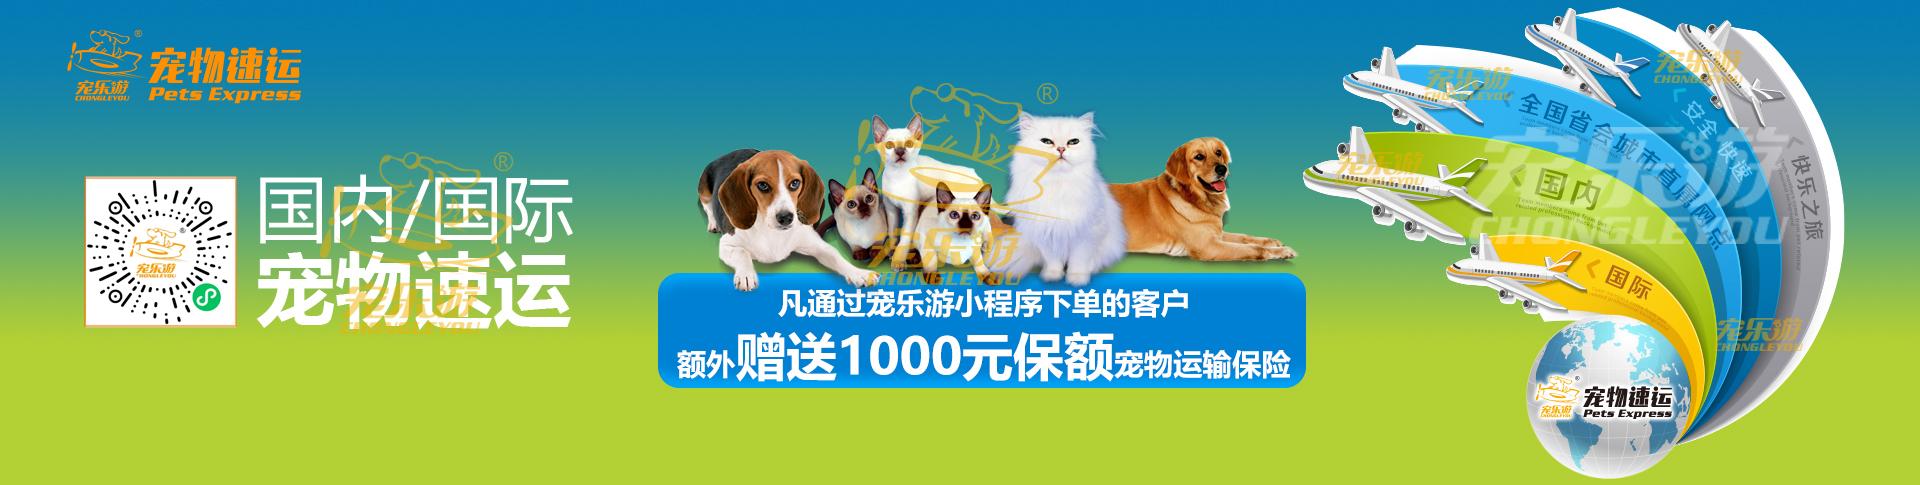 国内国际宠物托运服务